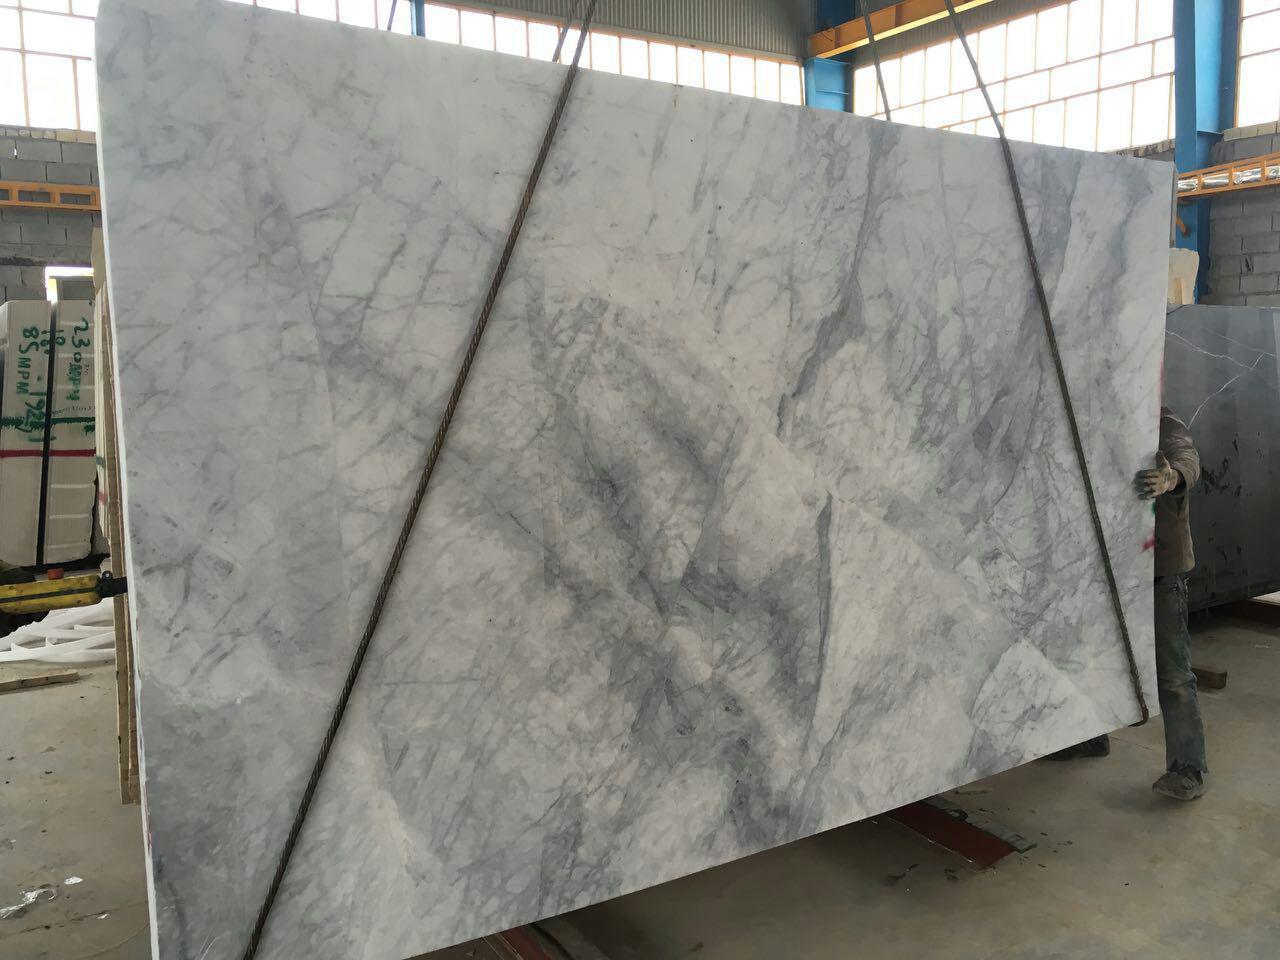 Roman White Marble slab